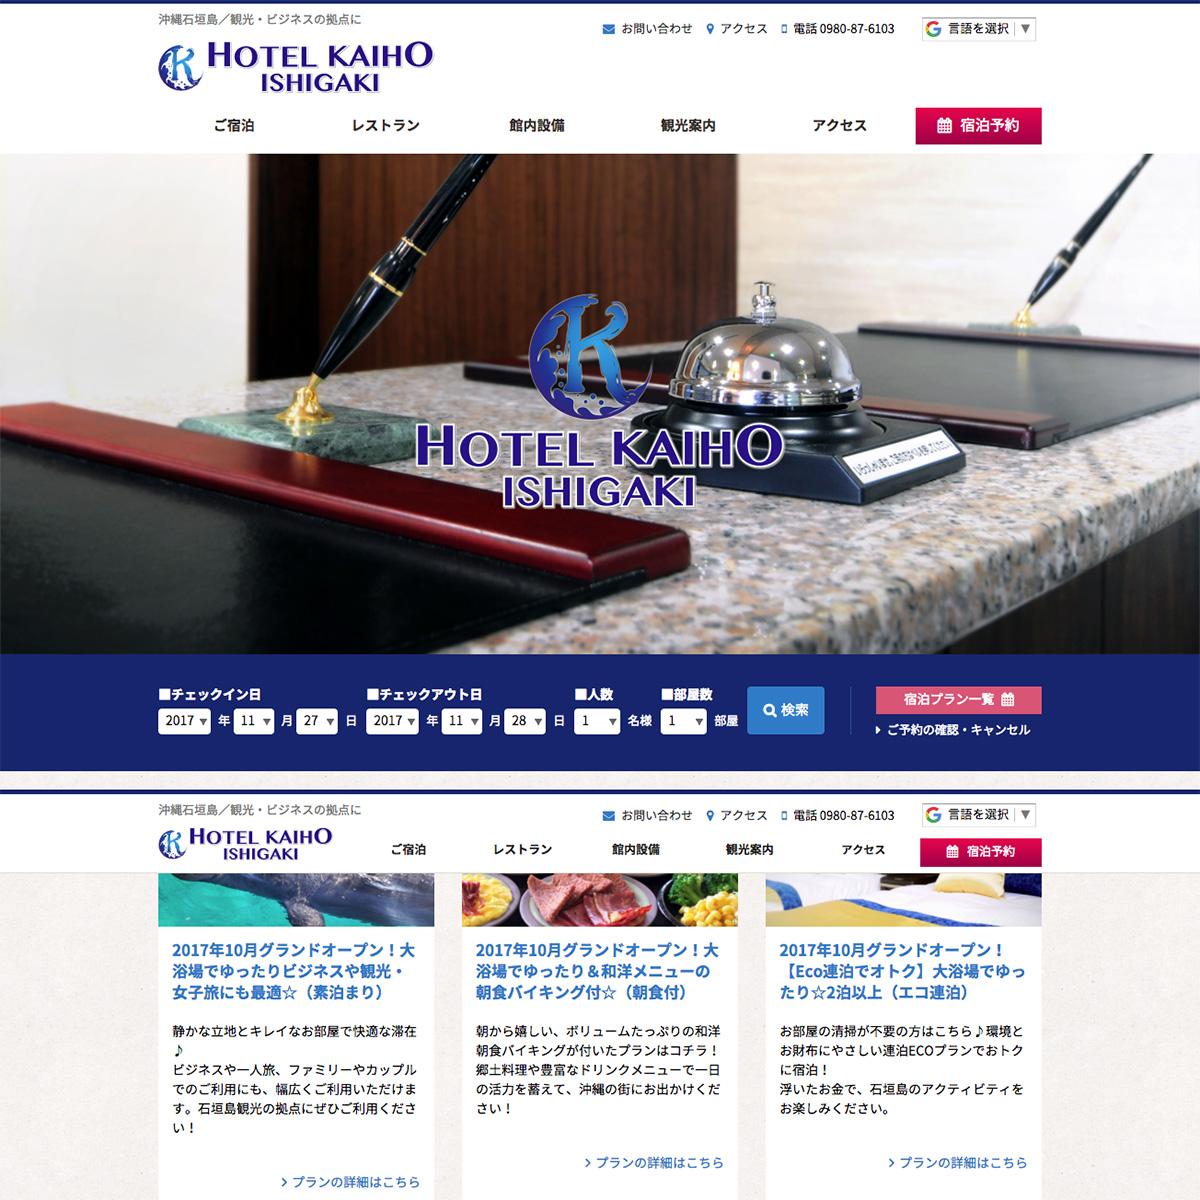 ホテル海邦 石垣島